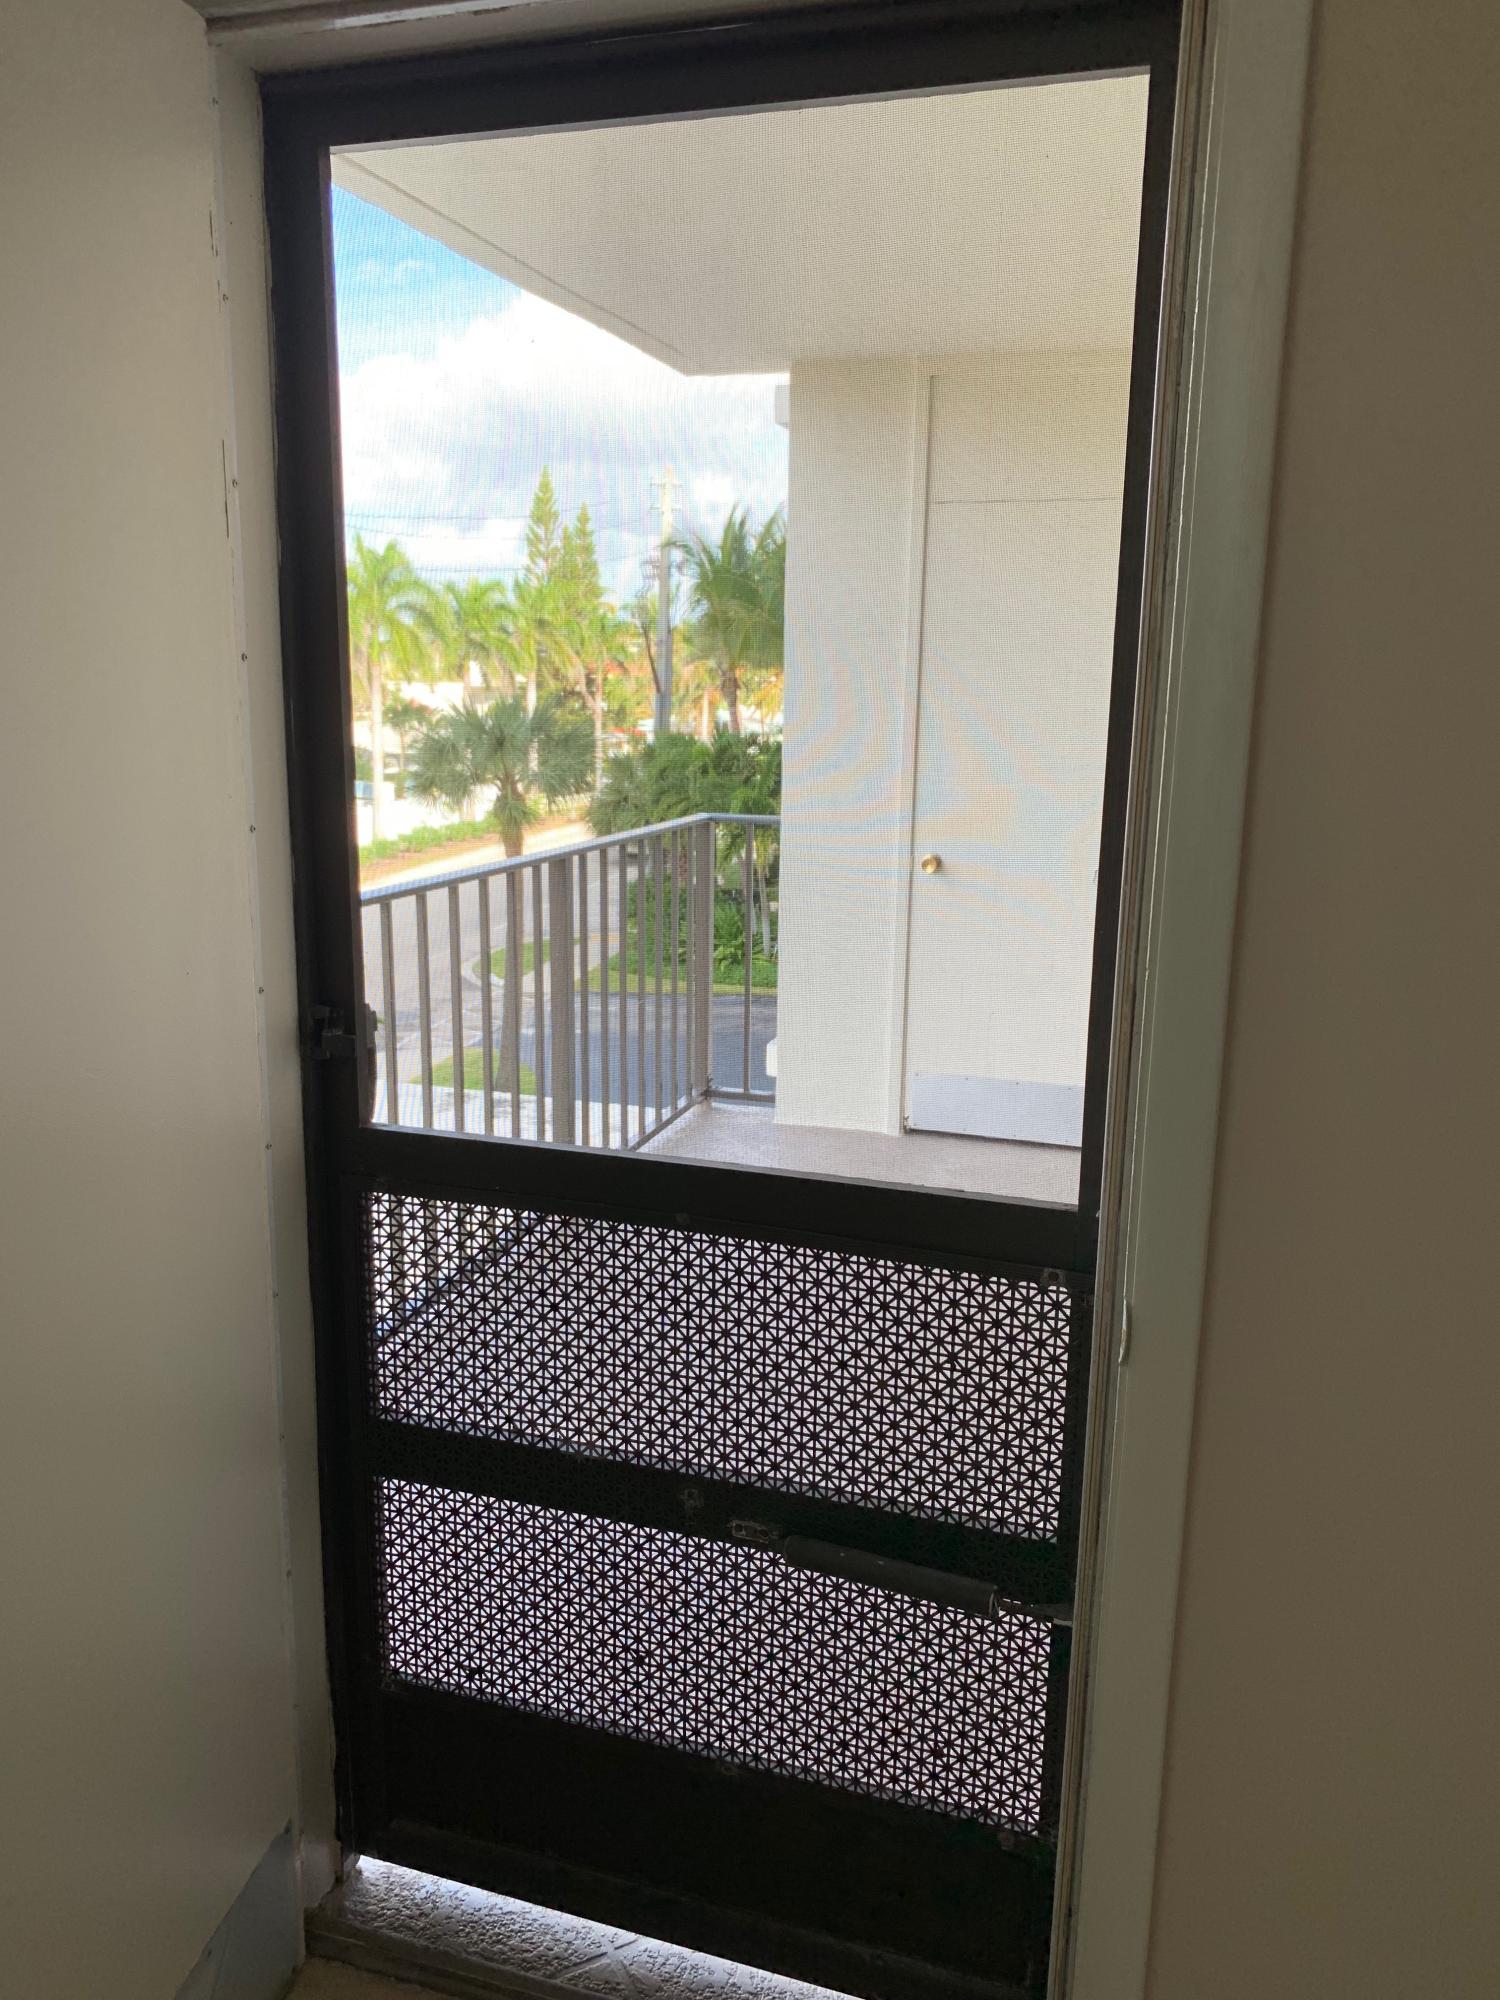 ATRUIM PALM BEACH SHORES FLORIDA